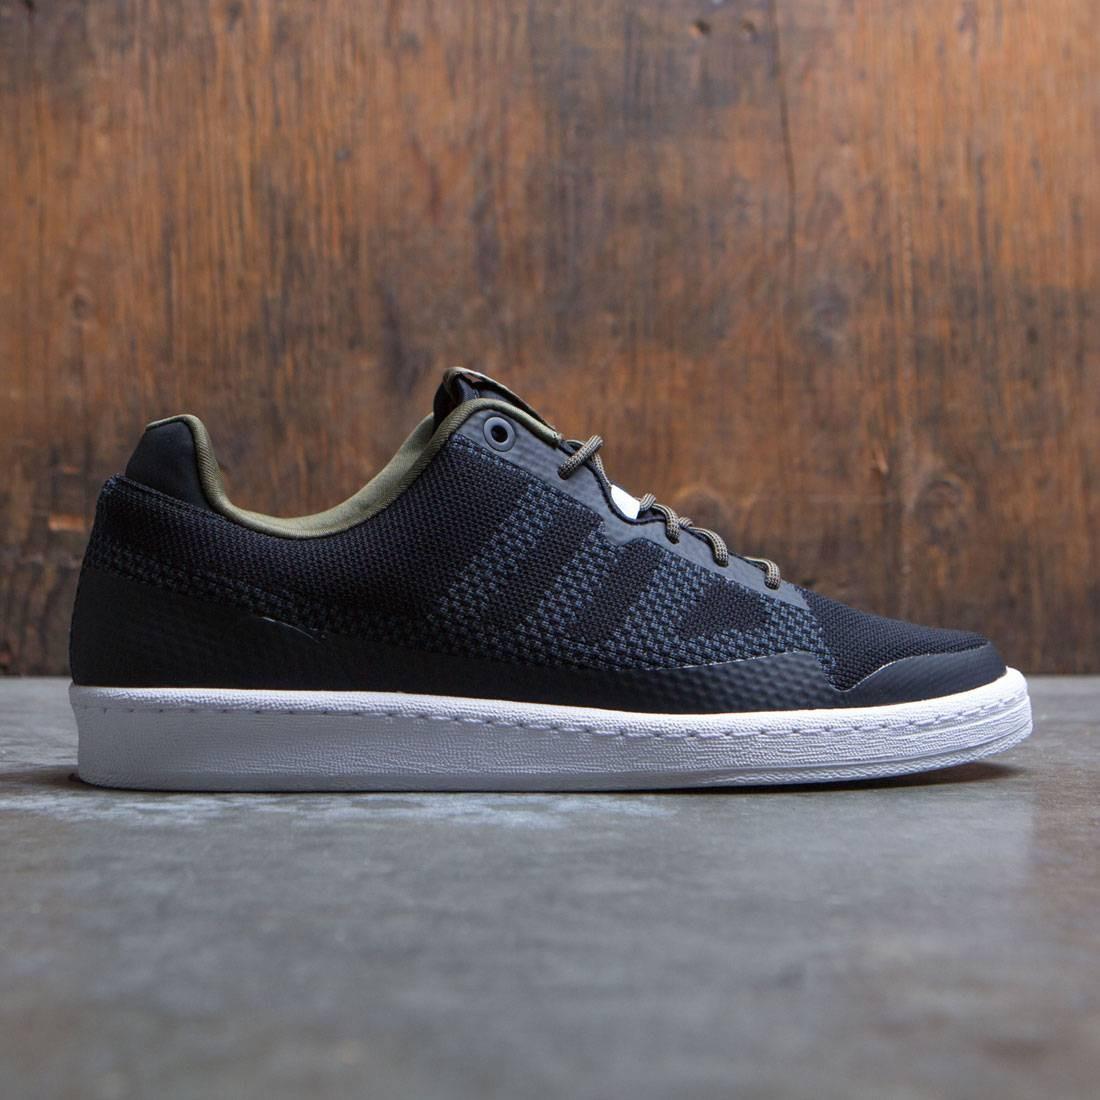 【海外限定】アディダス キャンパス GRAY灰色 グレイ コア メンズ靴 スニーカー 【 ADIDAS GREY CONSORTIUM X NORSE PROJECTS MEN CAMPUS 80S PK GRAY DARK CORE BLACK 】